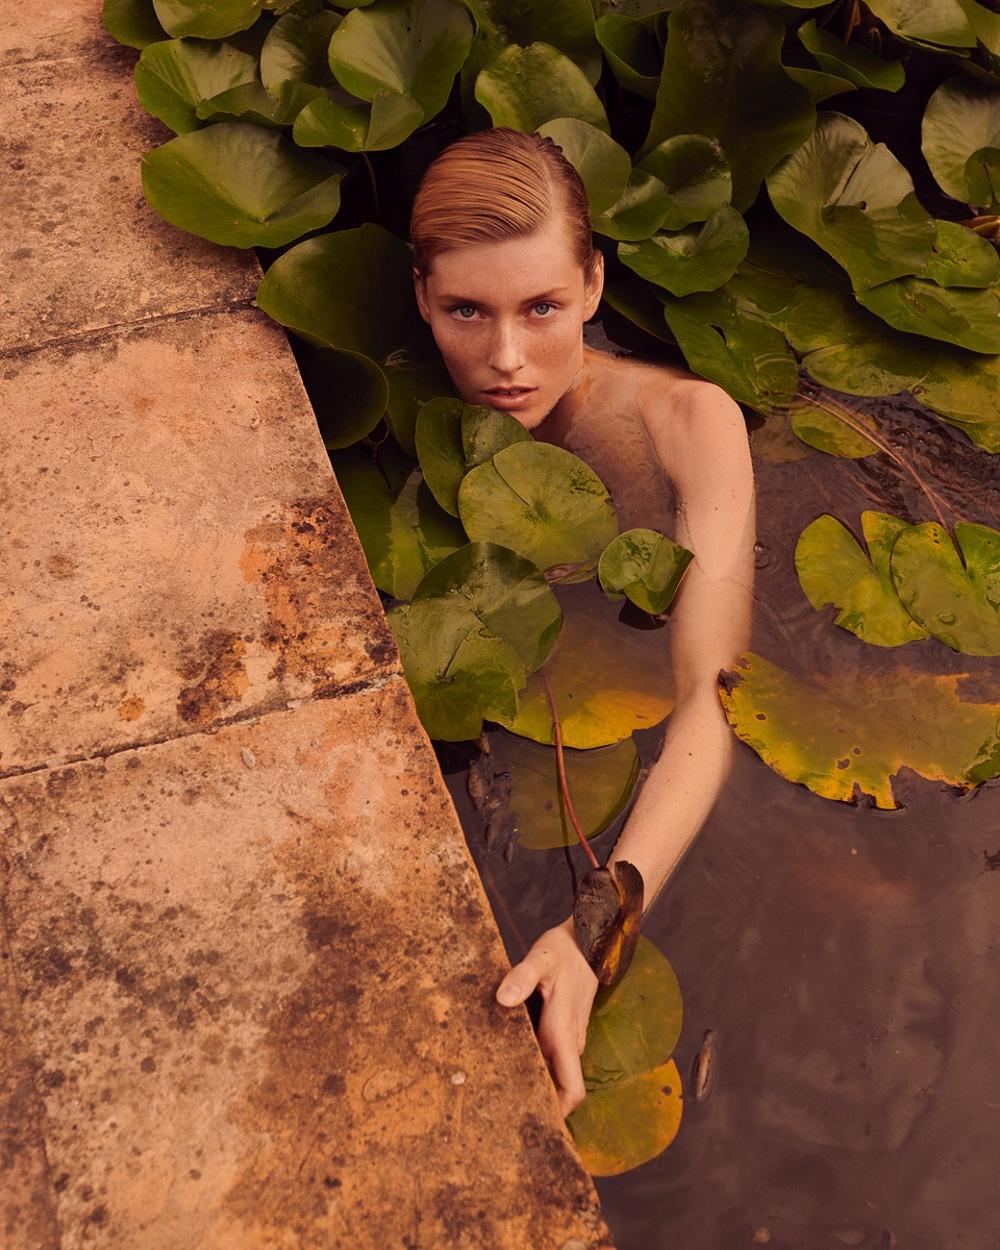 Caroline-Lossberg-Vogue-Portugal-Andreas-Ortner-4.jpg